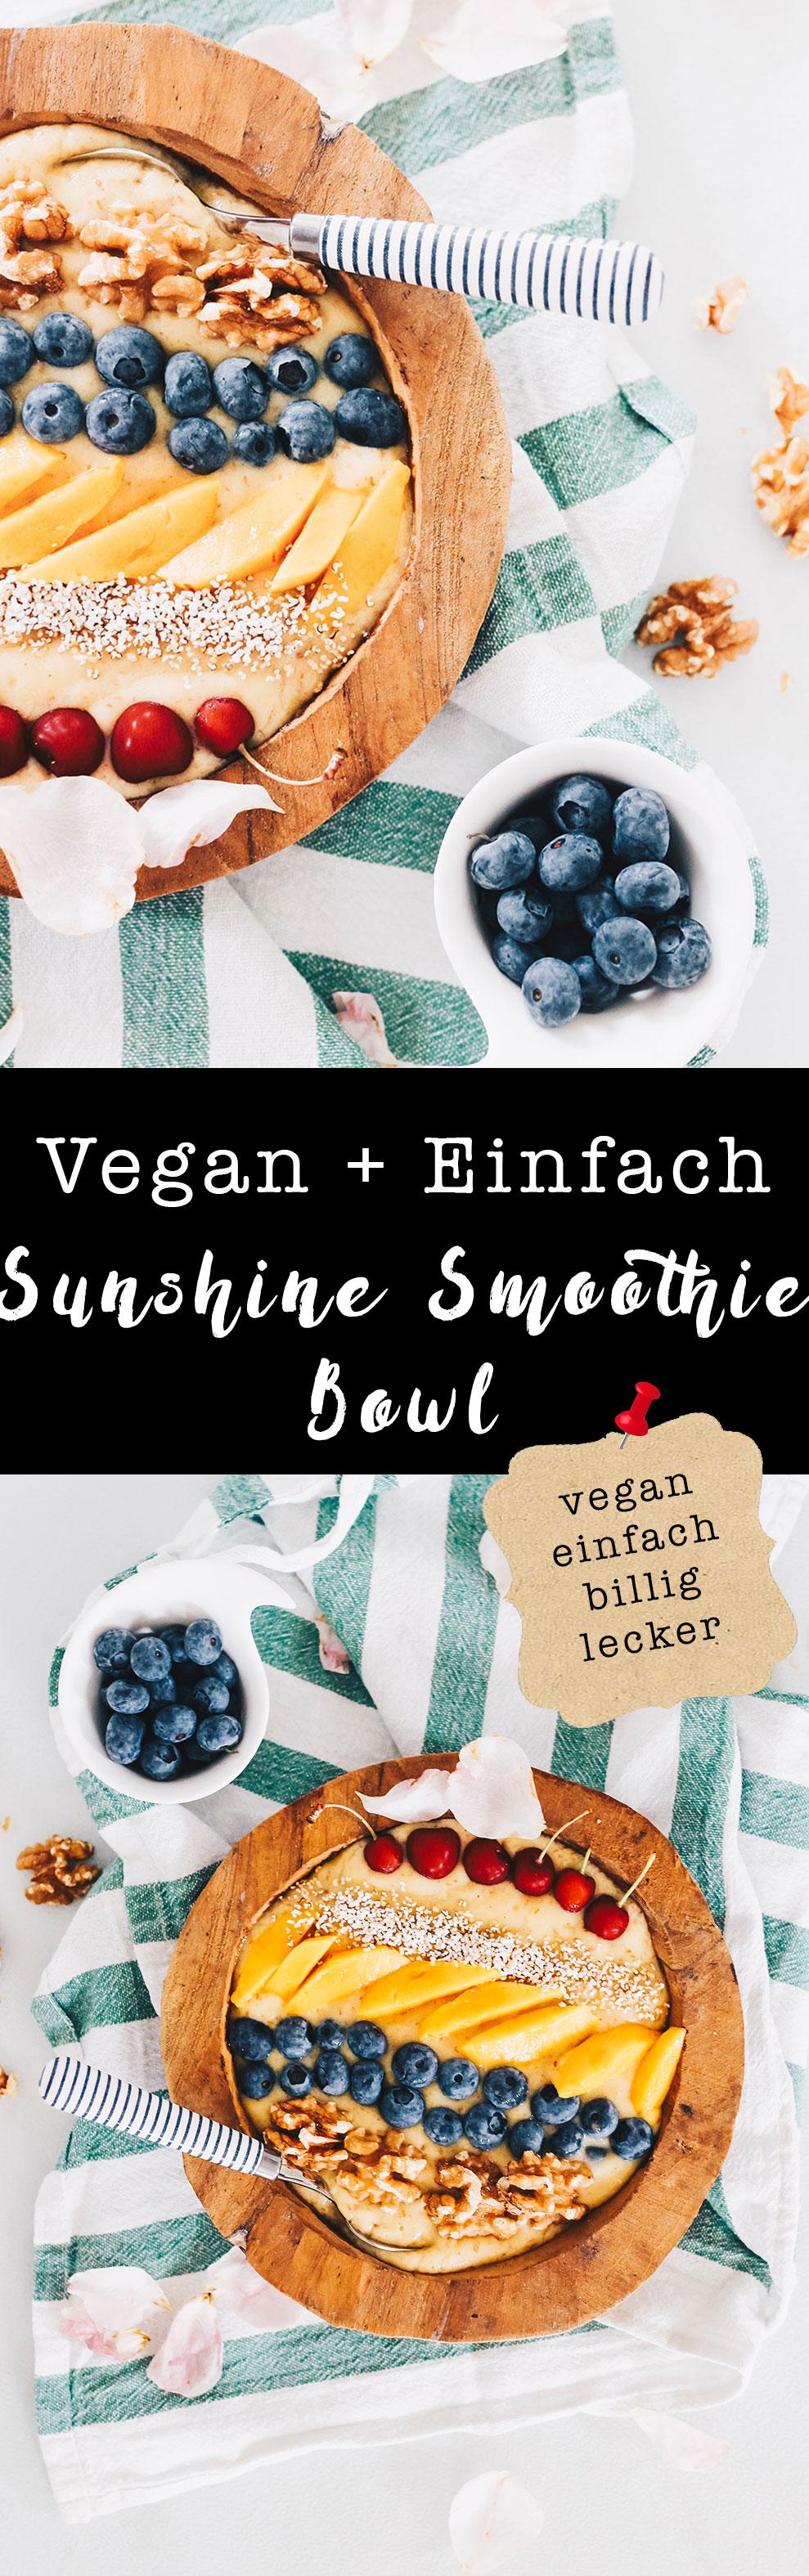 vegan-sunshine-smoothie-frühstücks-bowl